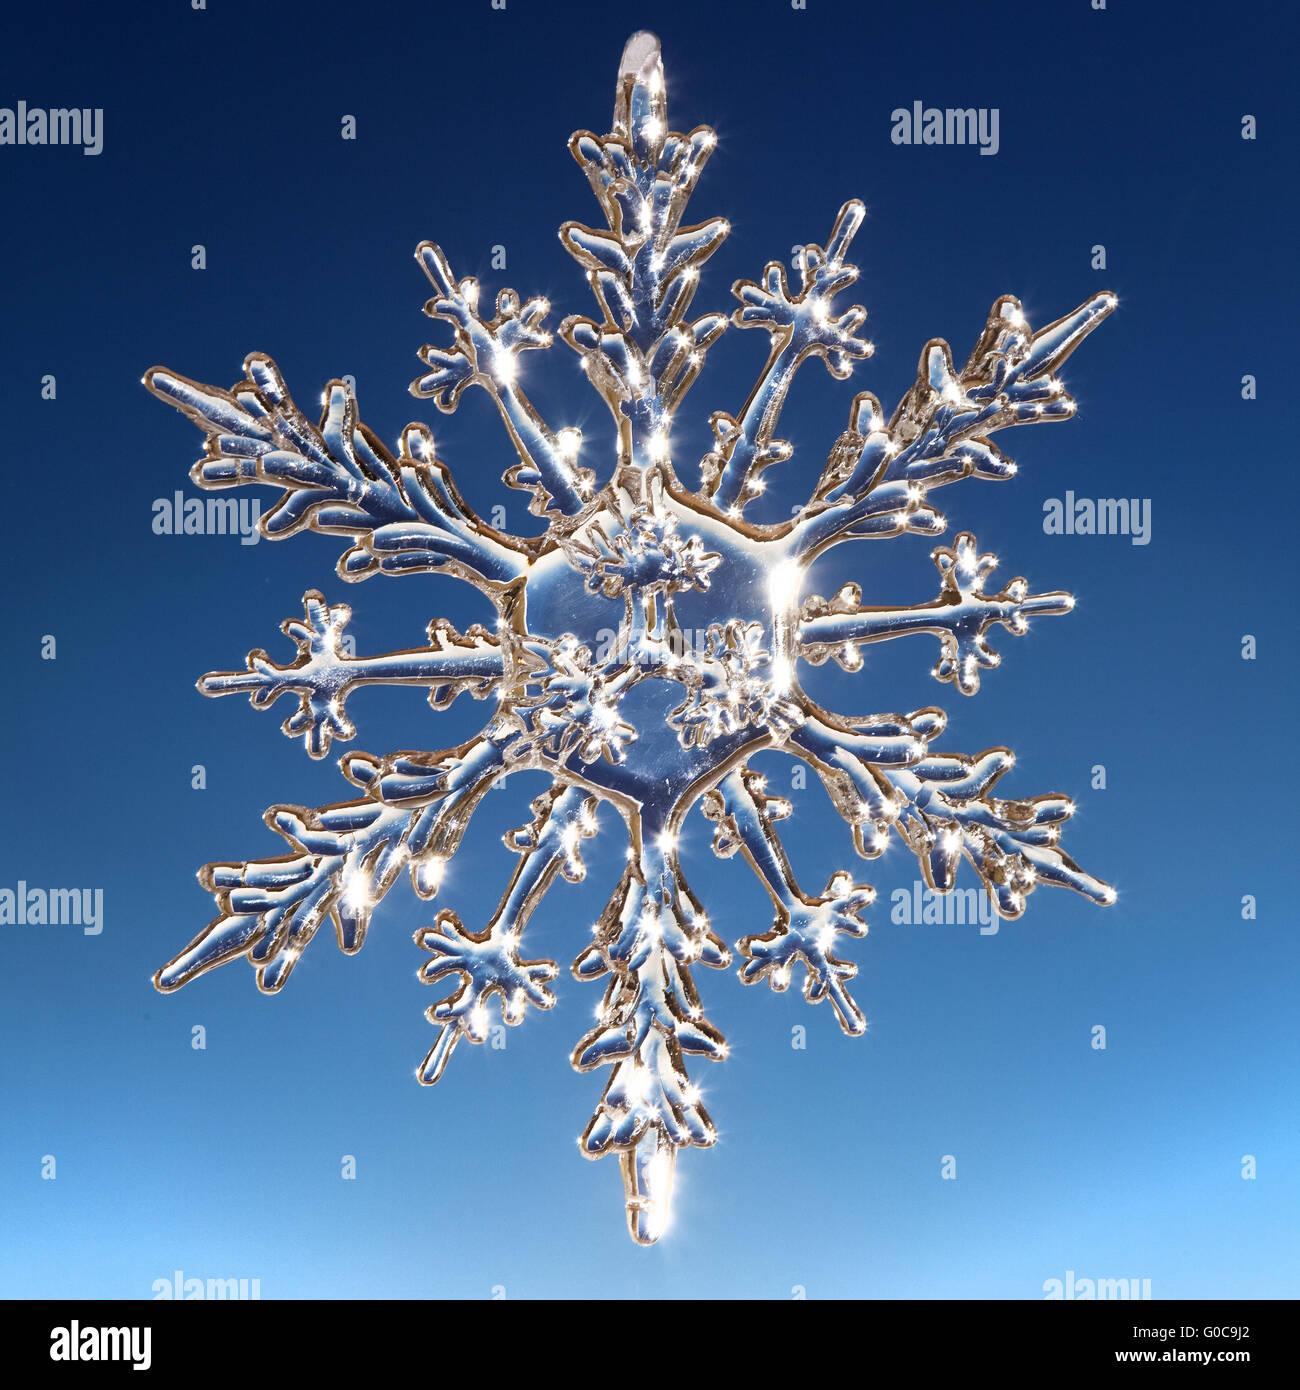 Christmas star as an ice crystal - Stock Image